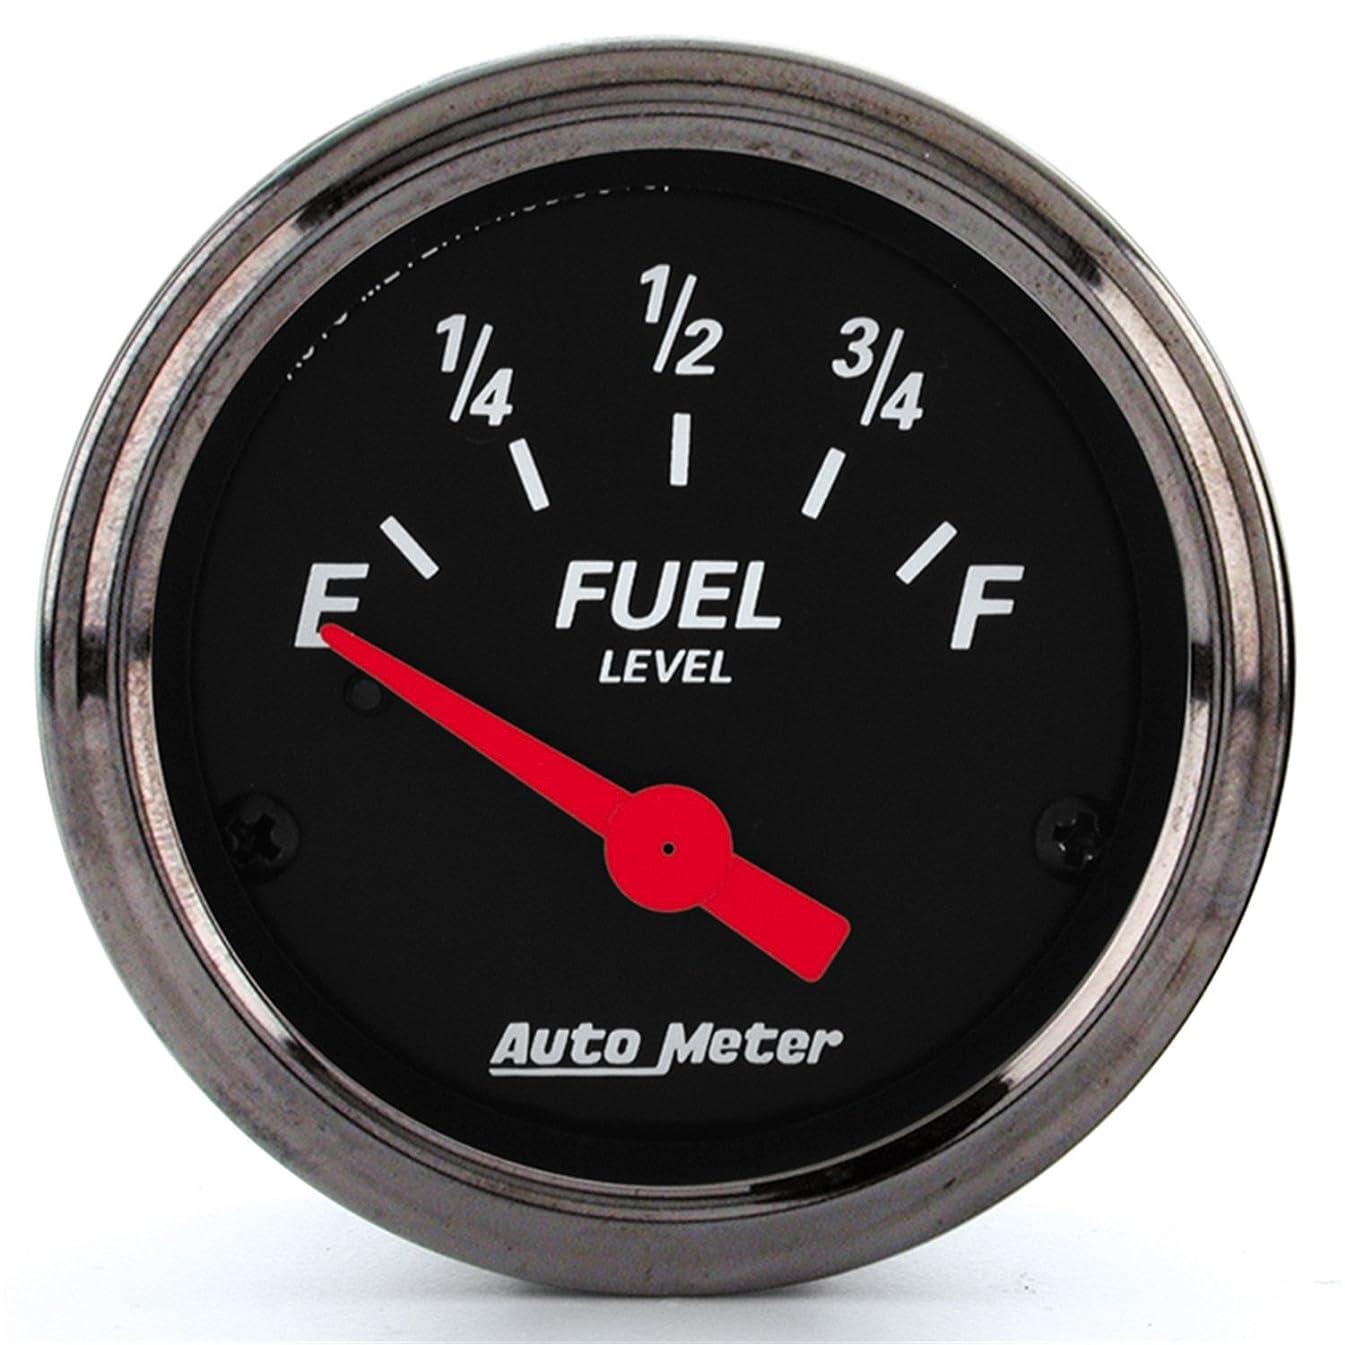 Auto Meter 1415 Designer Black Fuel Level Gauge